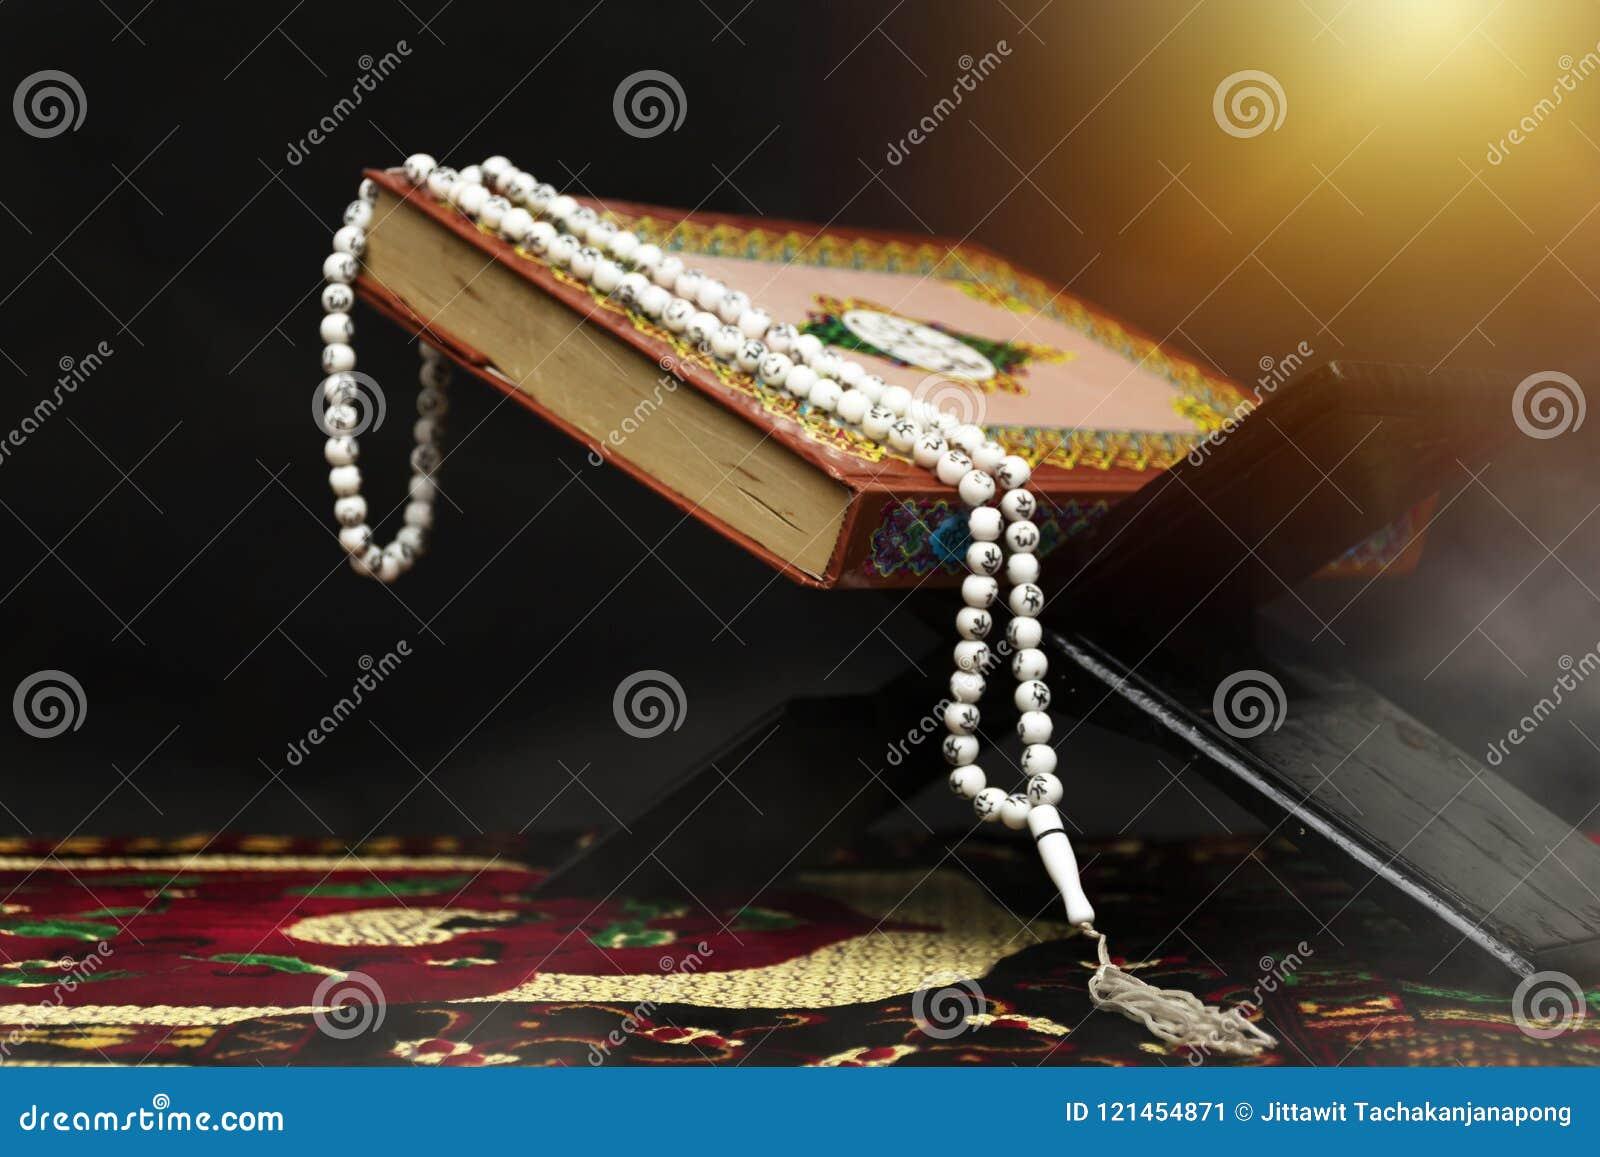 Quran - libro sagrado de musulmanes, en la mezquita